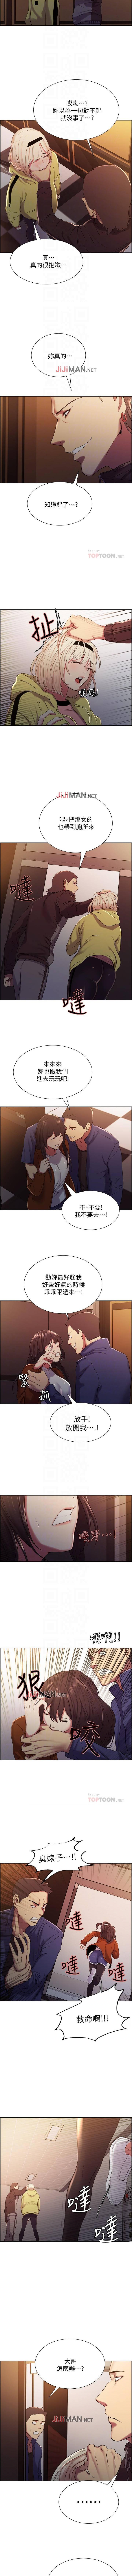 【周二连载】室友招募中(作者:Serious) 第1~15话 95